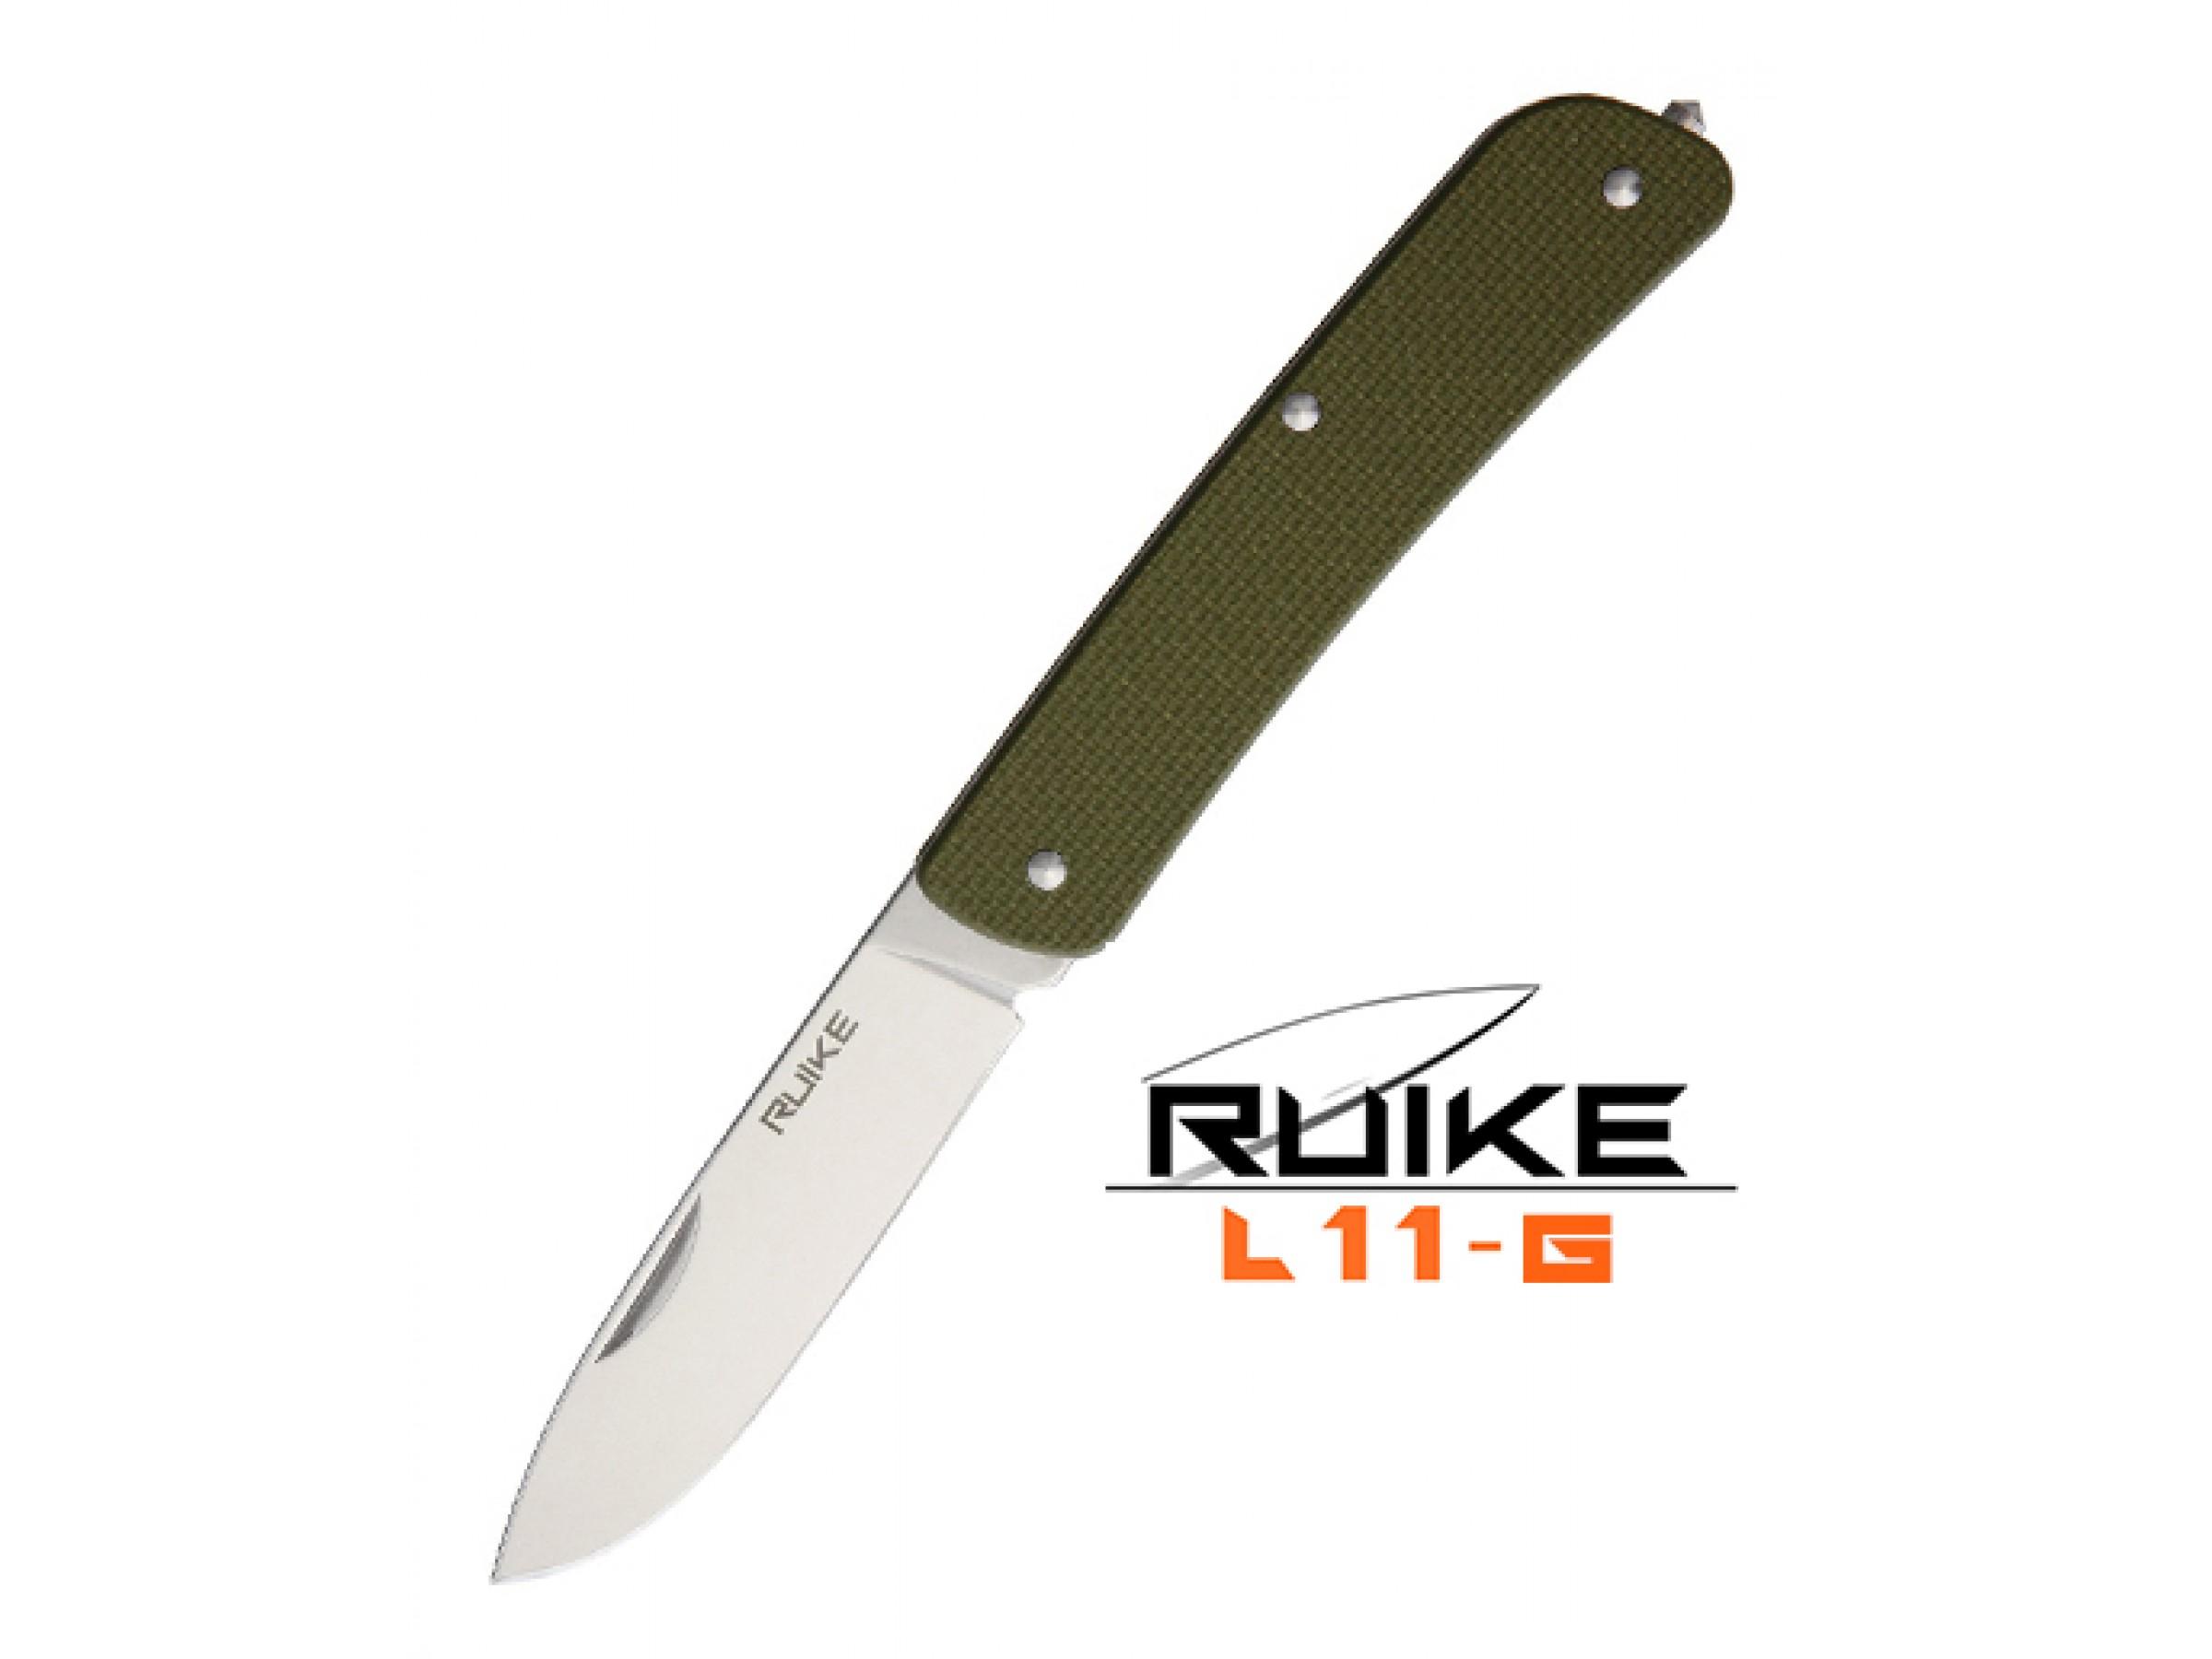 Ruike - L11 - Cuțit multifuncțional - 4 funcții - Oțel 12C27 - Green